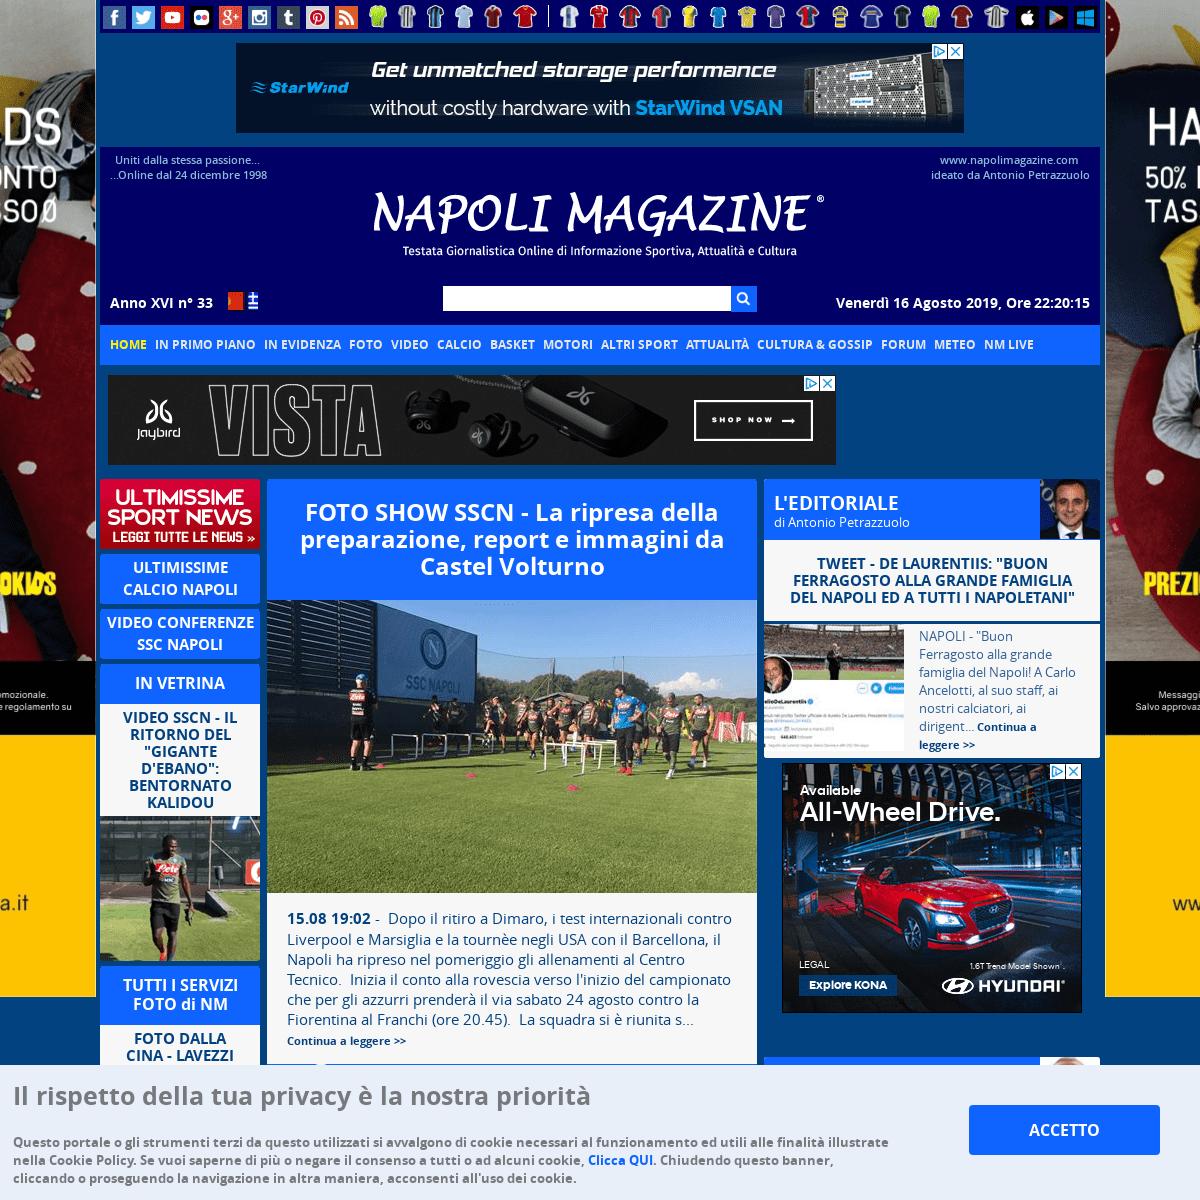 Napoli Magazine - Tutte le ultime news, notizie e aggiornamenti